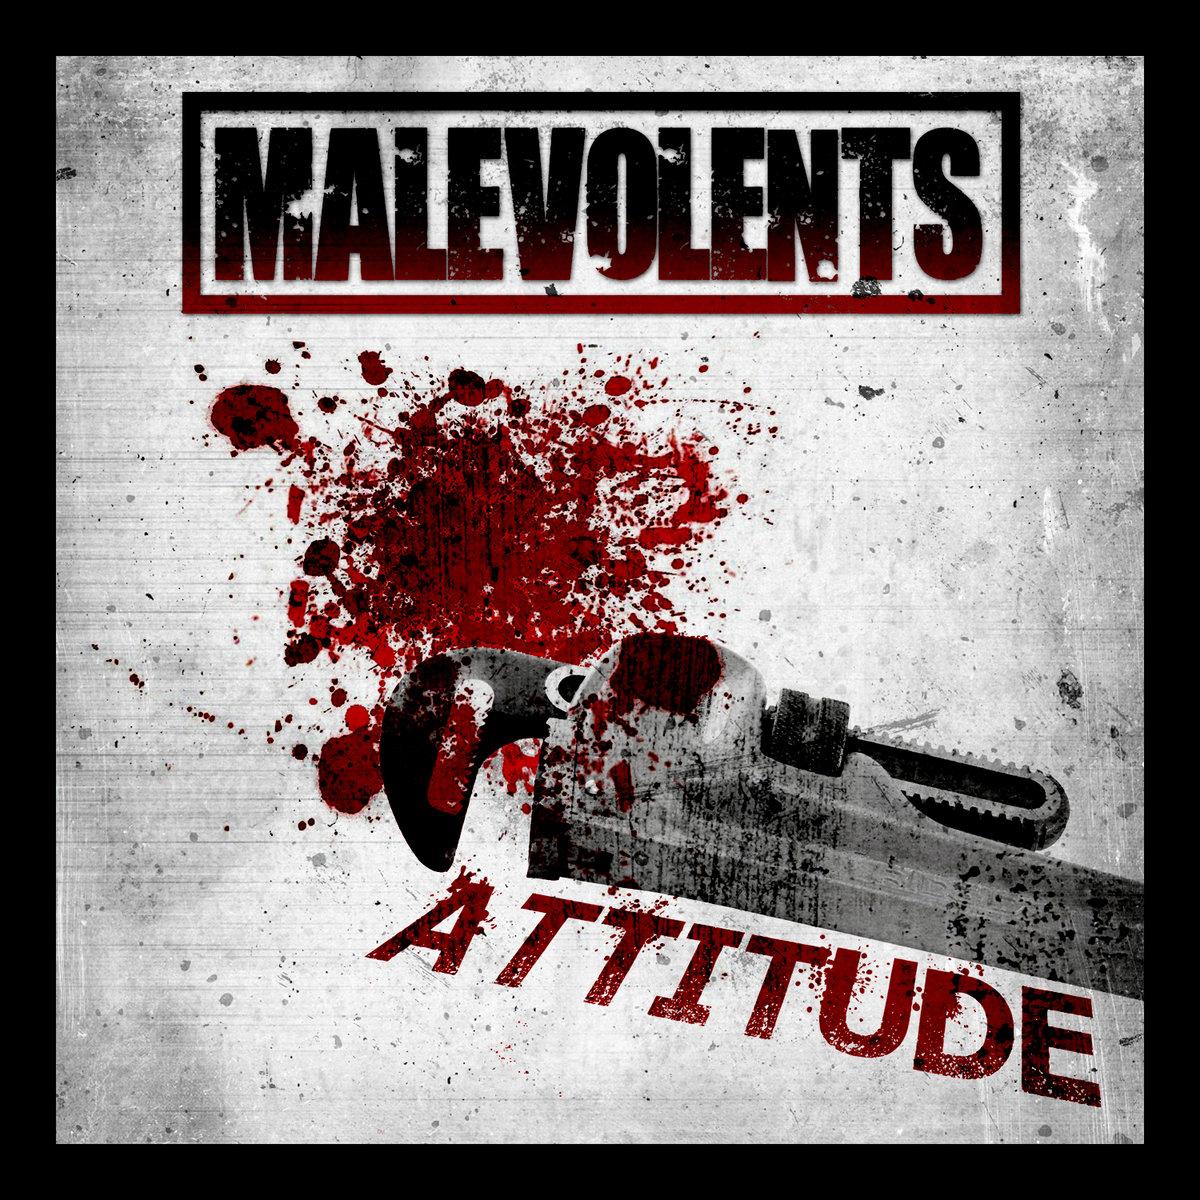 www.facebook.com/malevolentsband